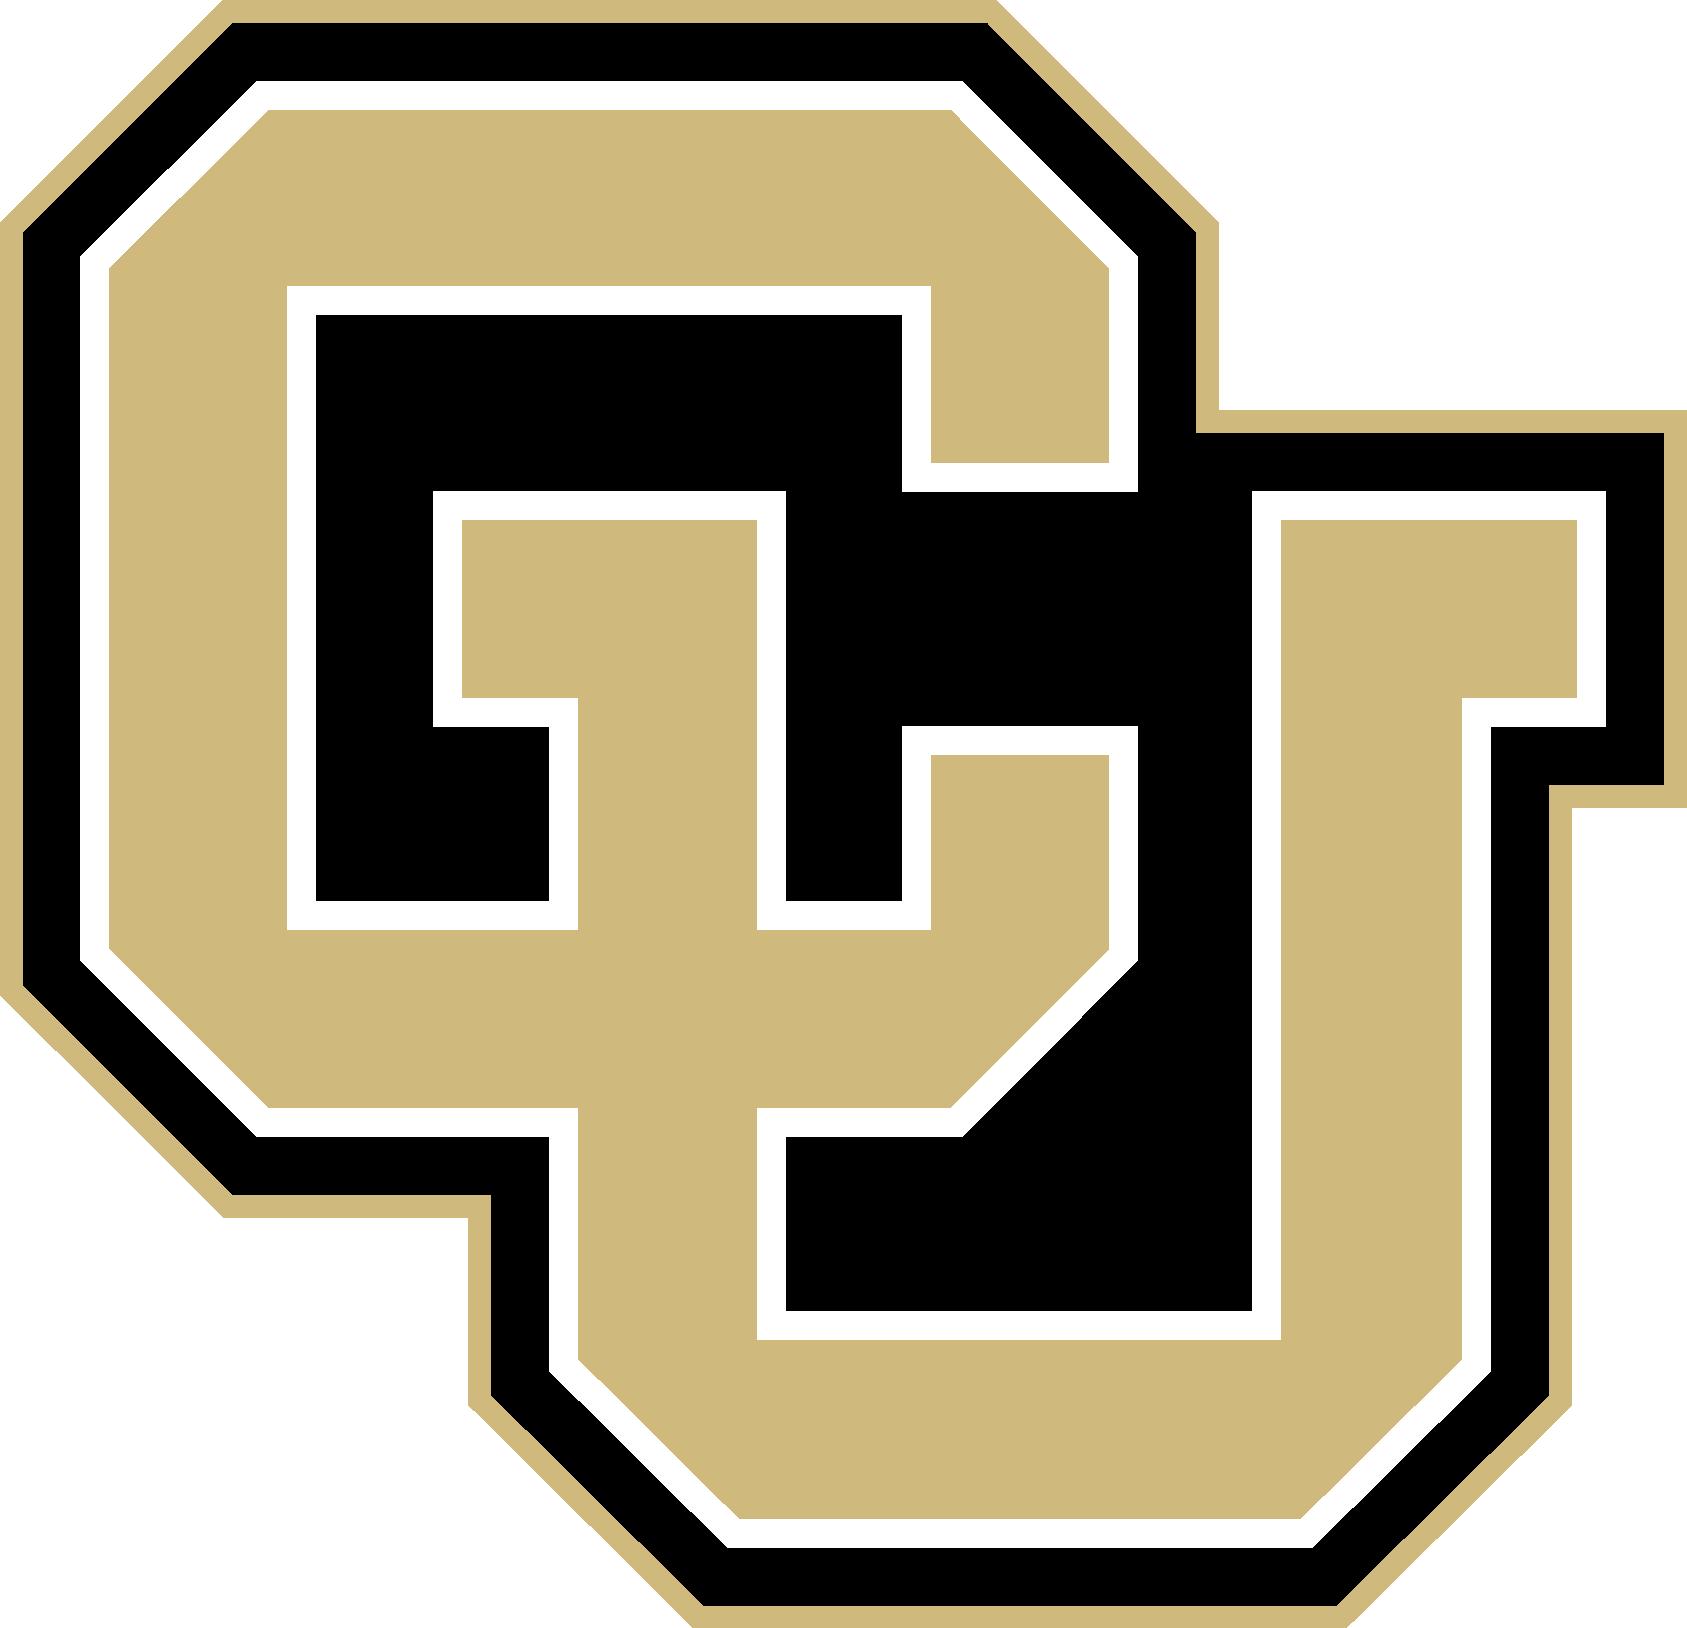 Image Result For Cu Boulder Logo University Of Colorado Boulder University University Of Colorado Boulder